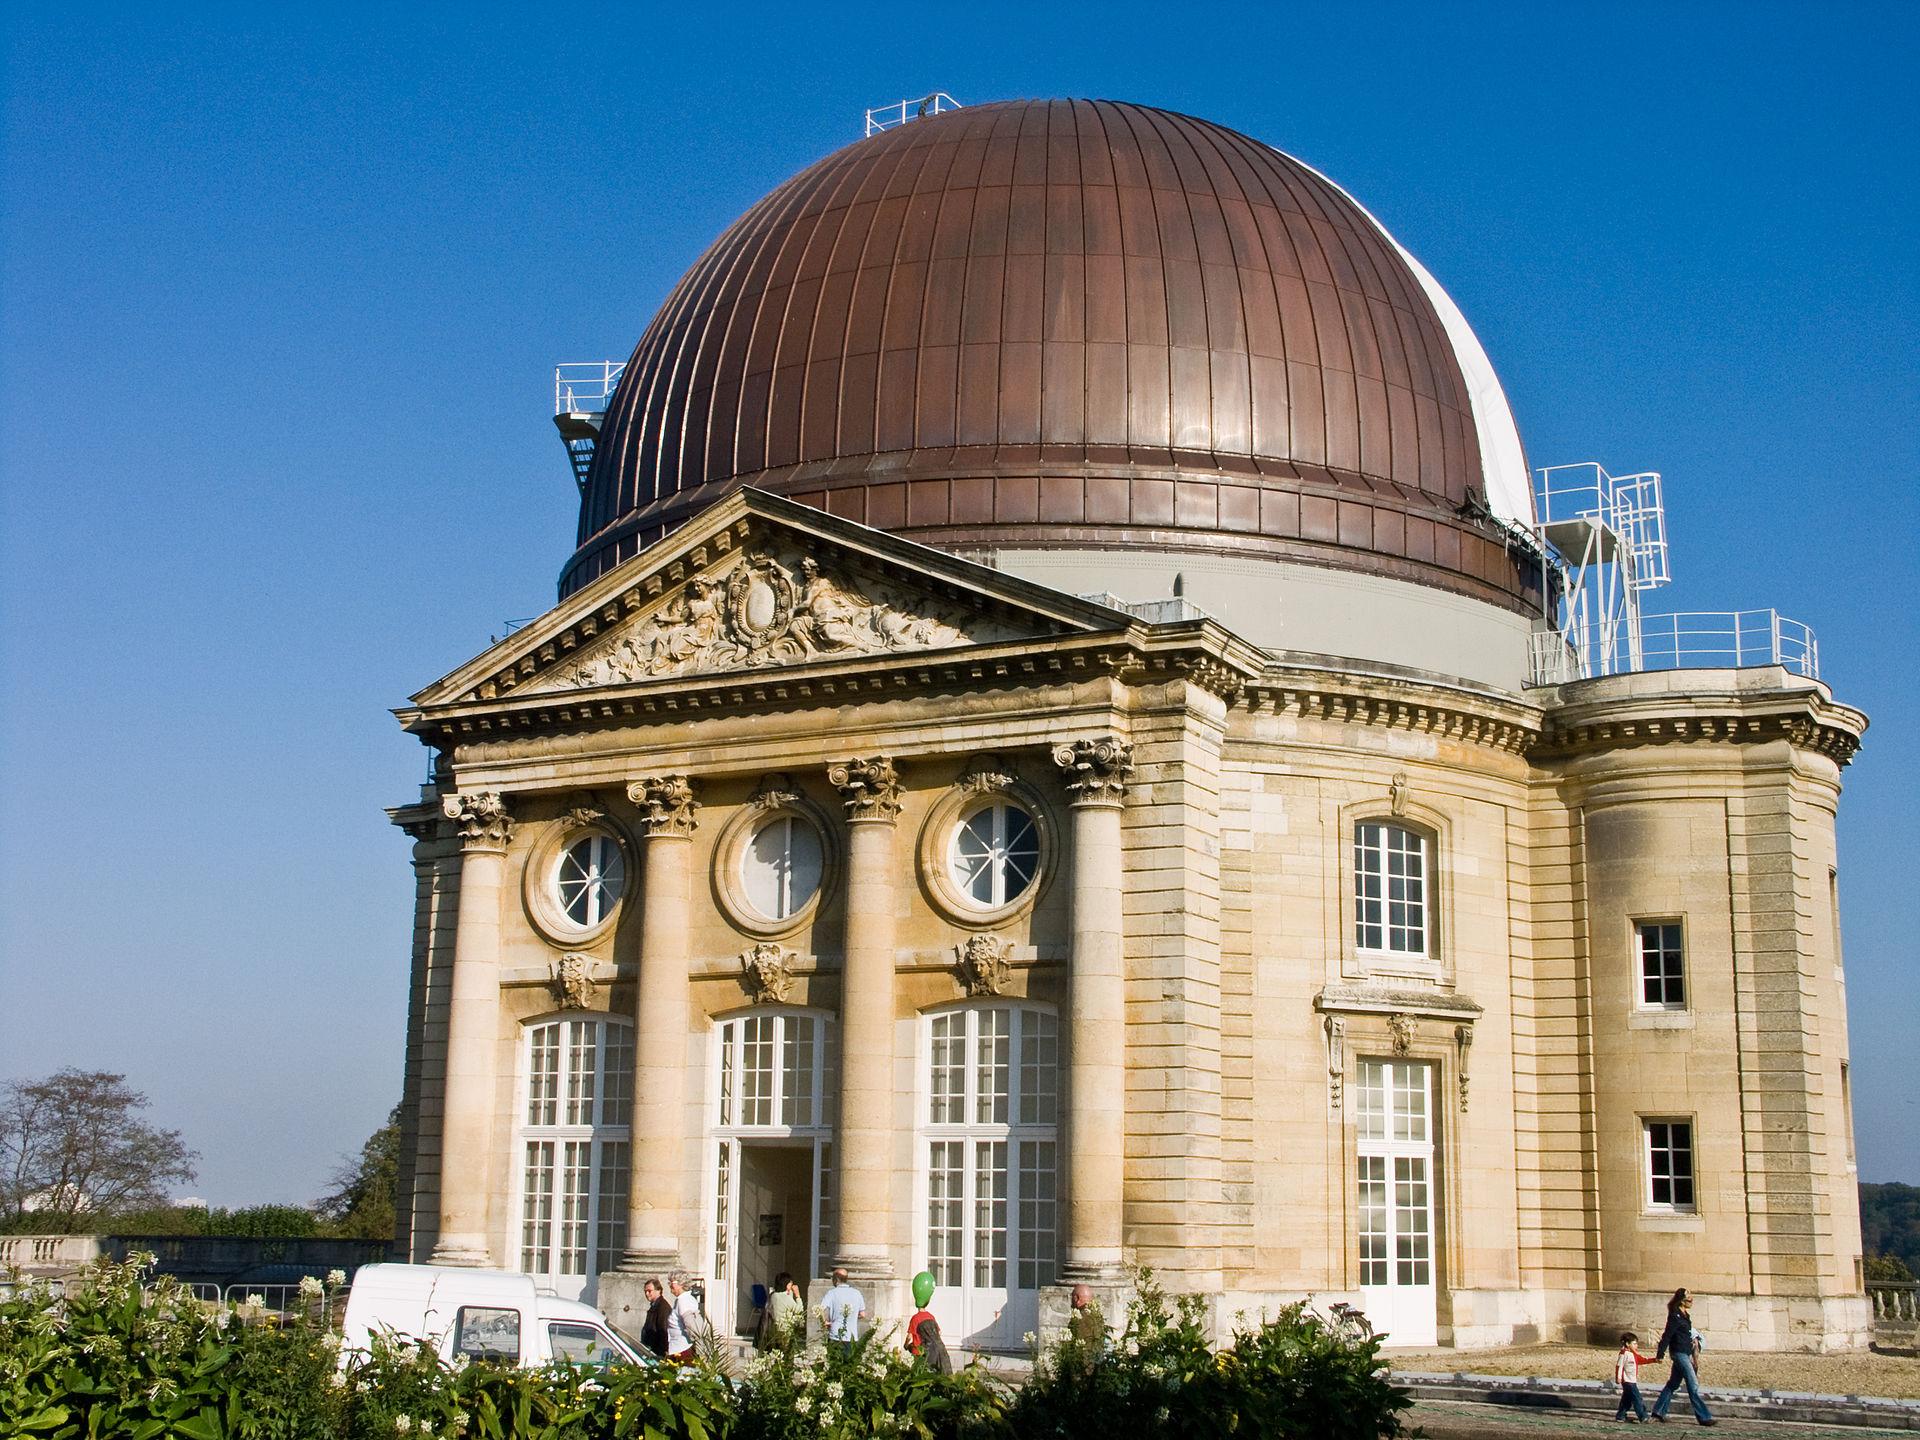 Meudon Observatory